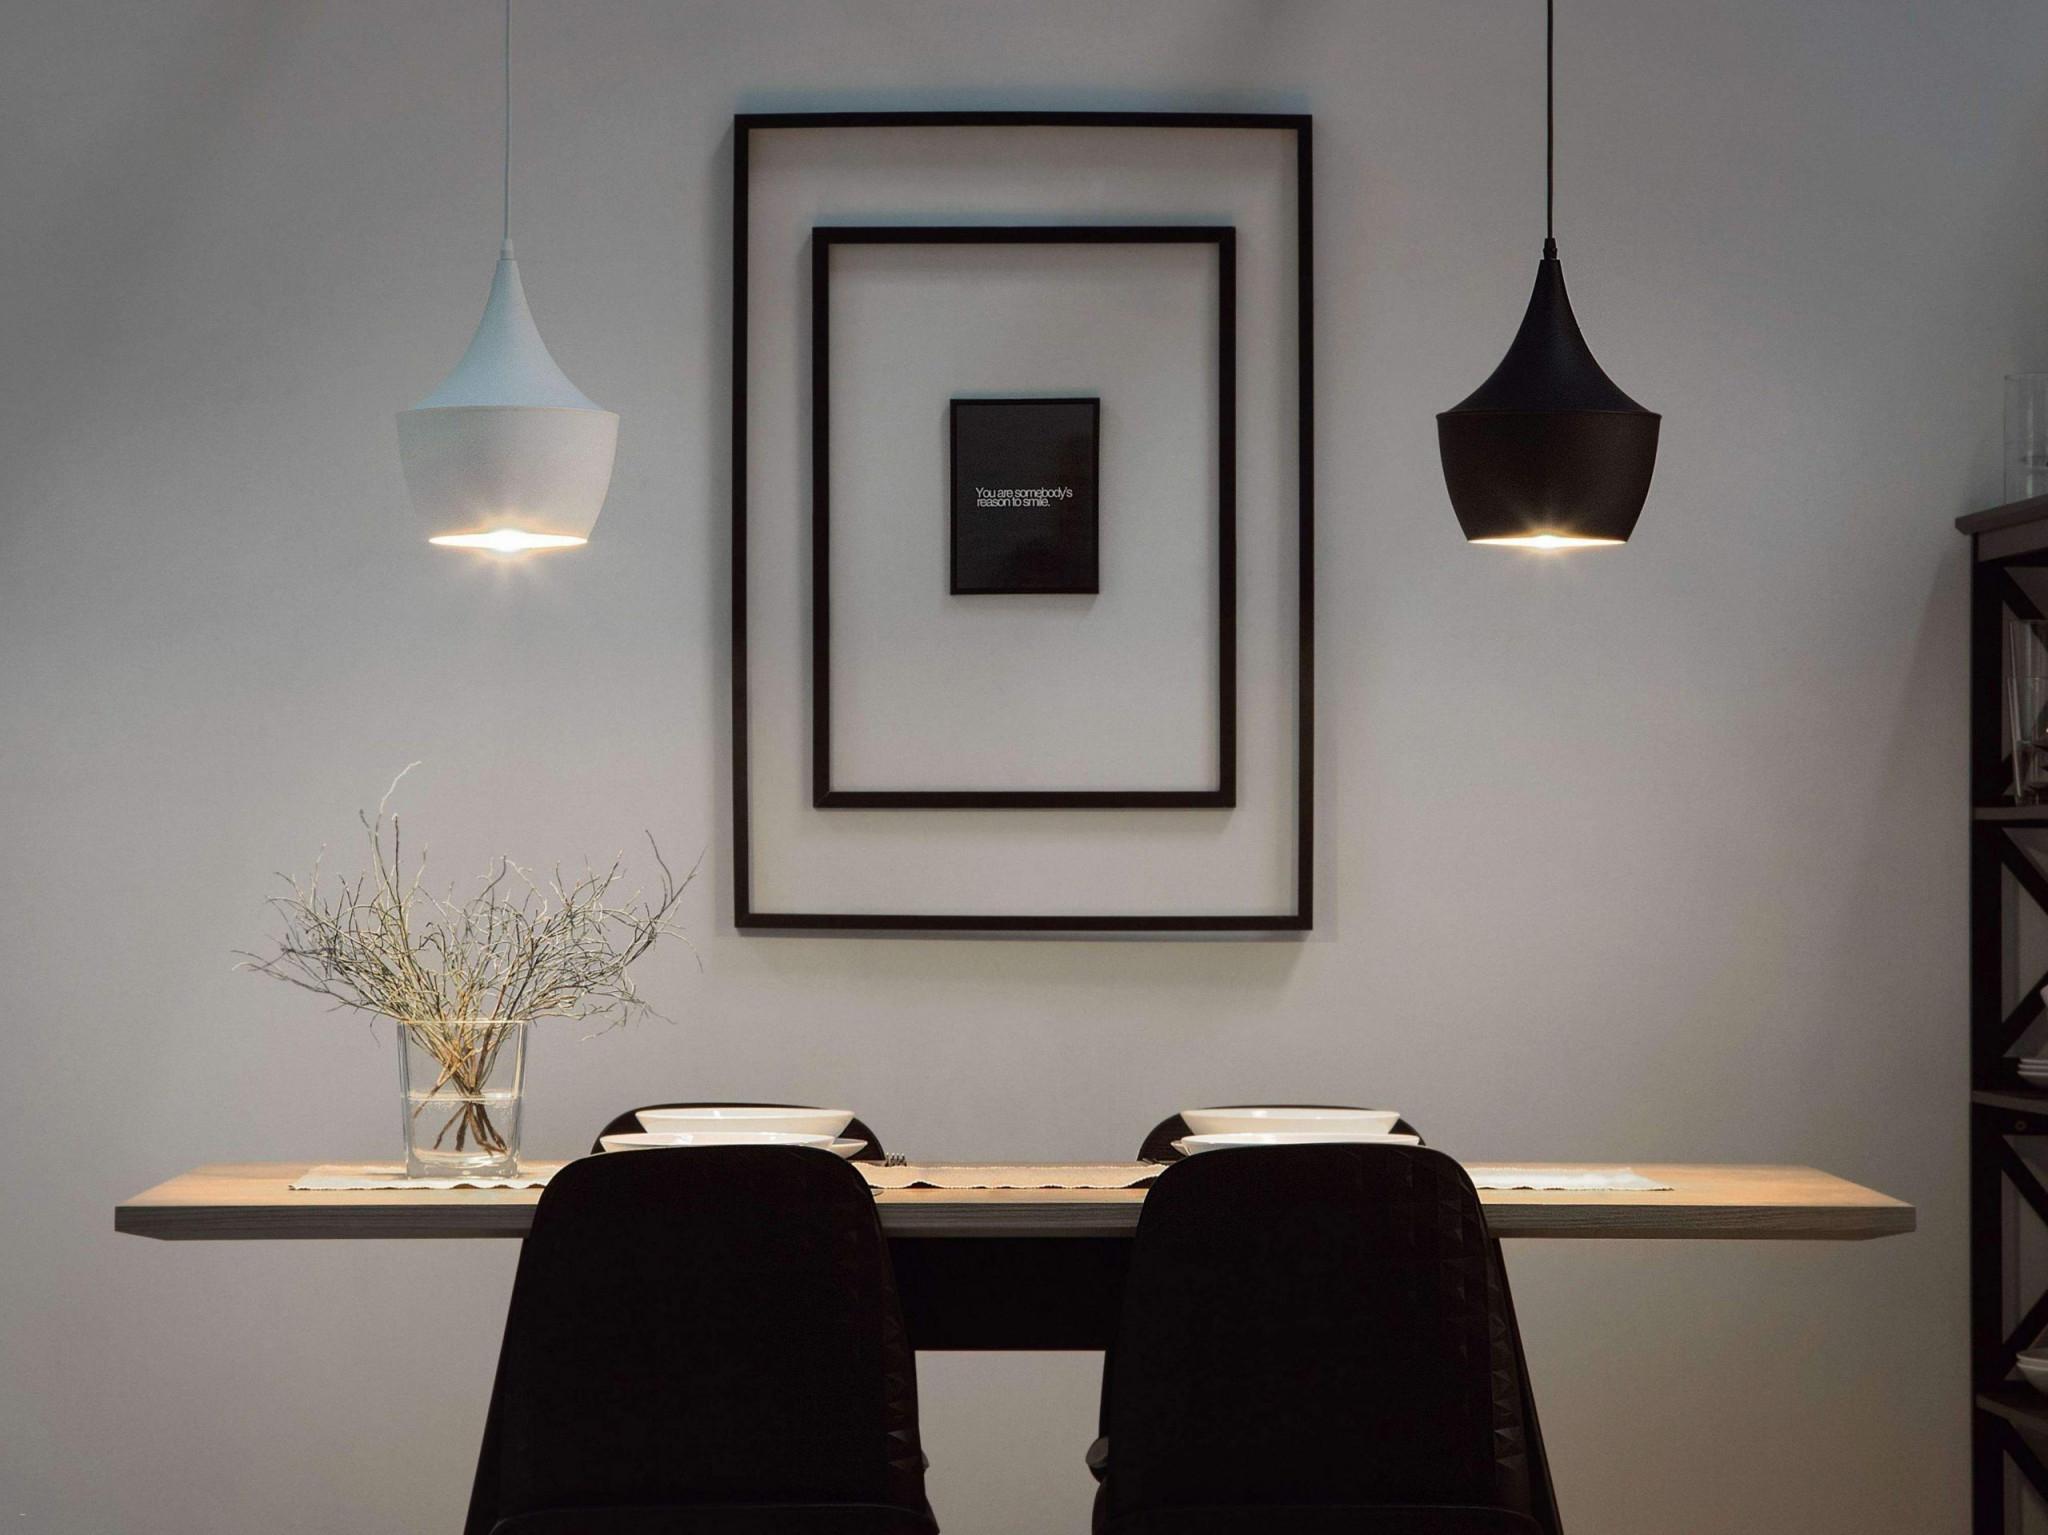 Wohnzimmer Deckenlampen Hängend Luxus Wohnzimmerlampen von Deckenlampe Hängend Wohnzimmer Photo